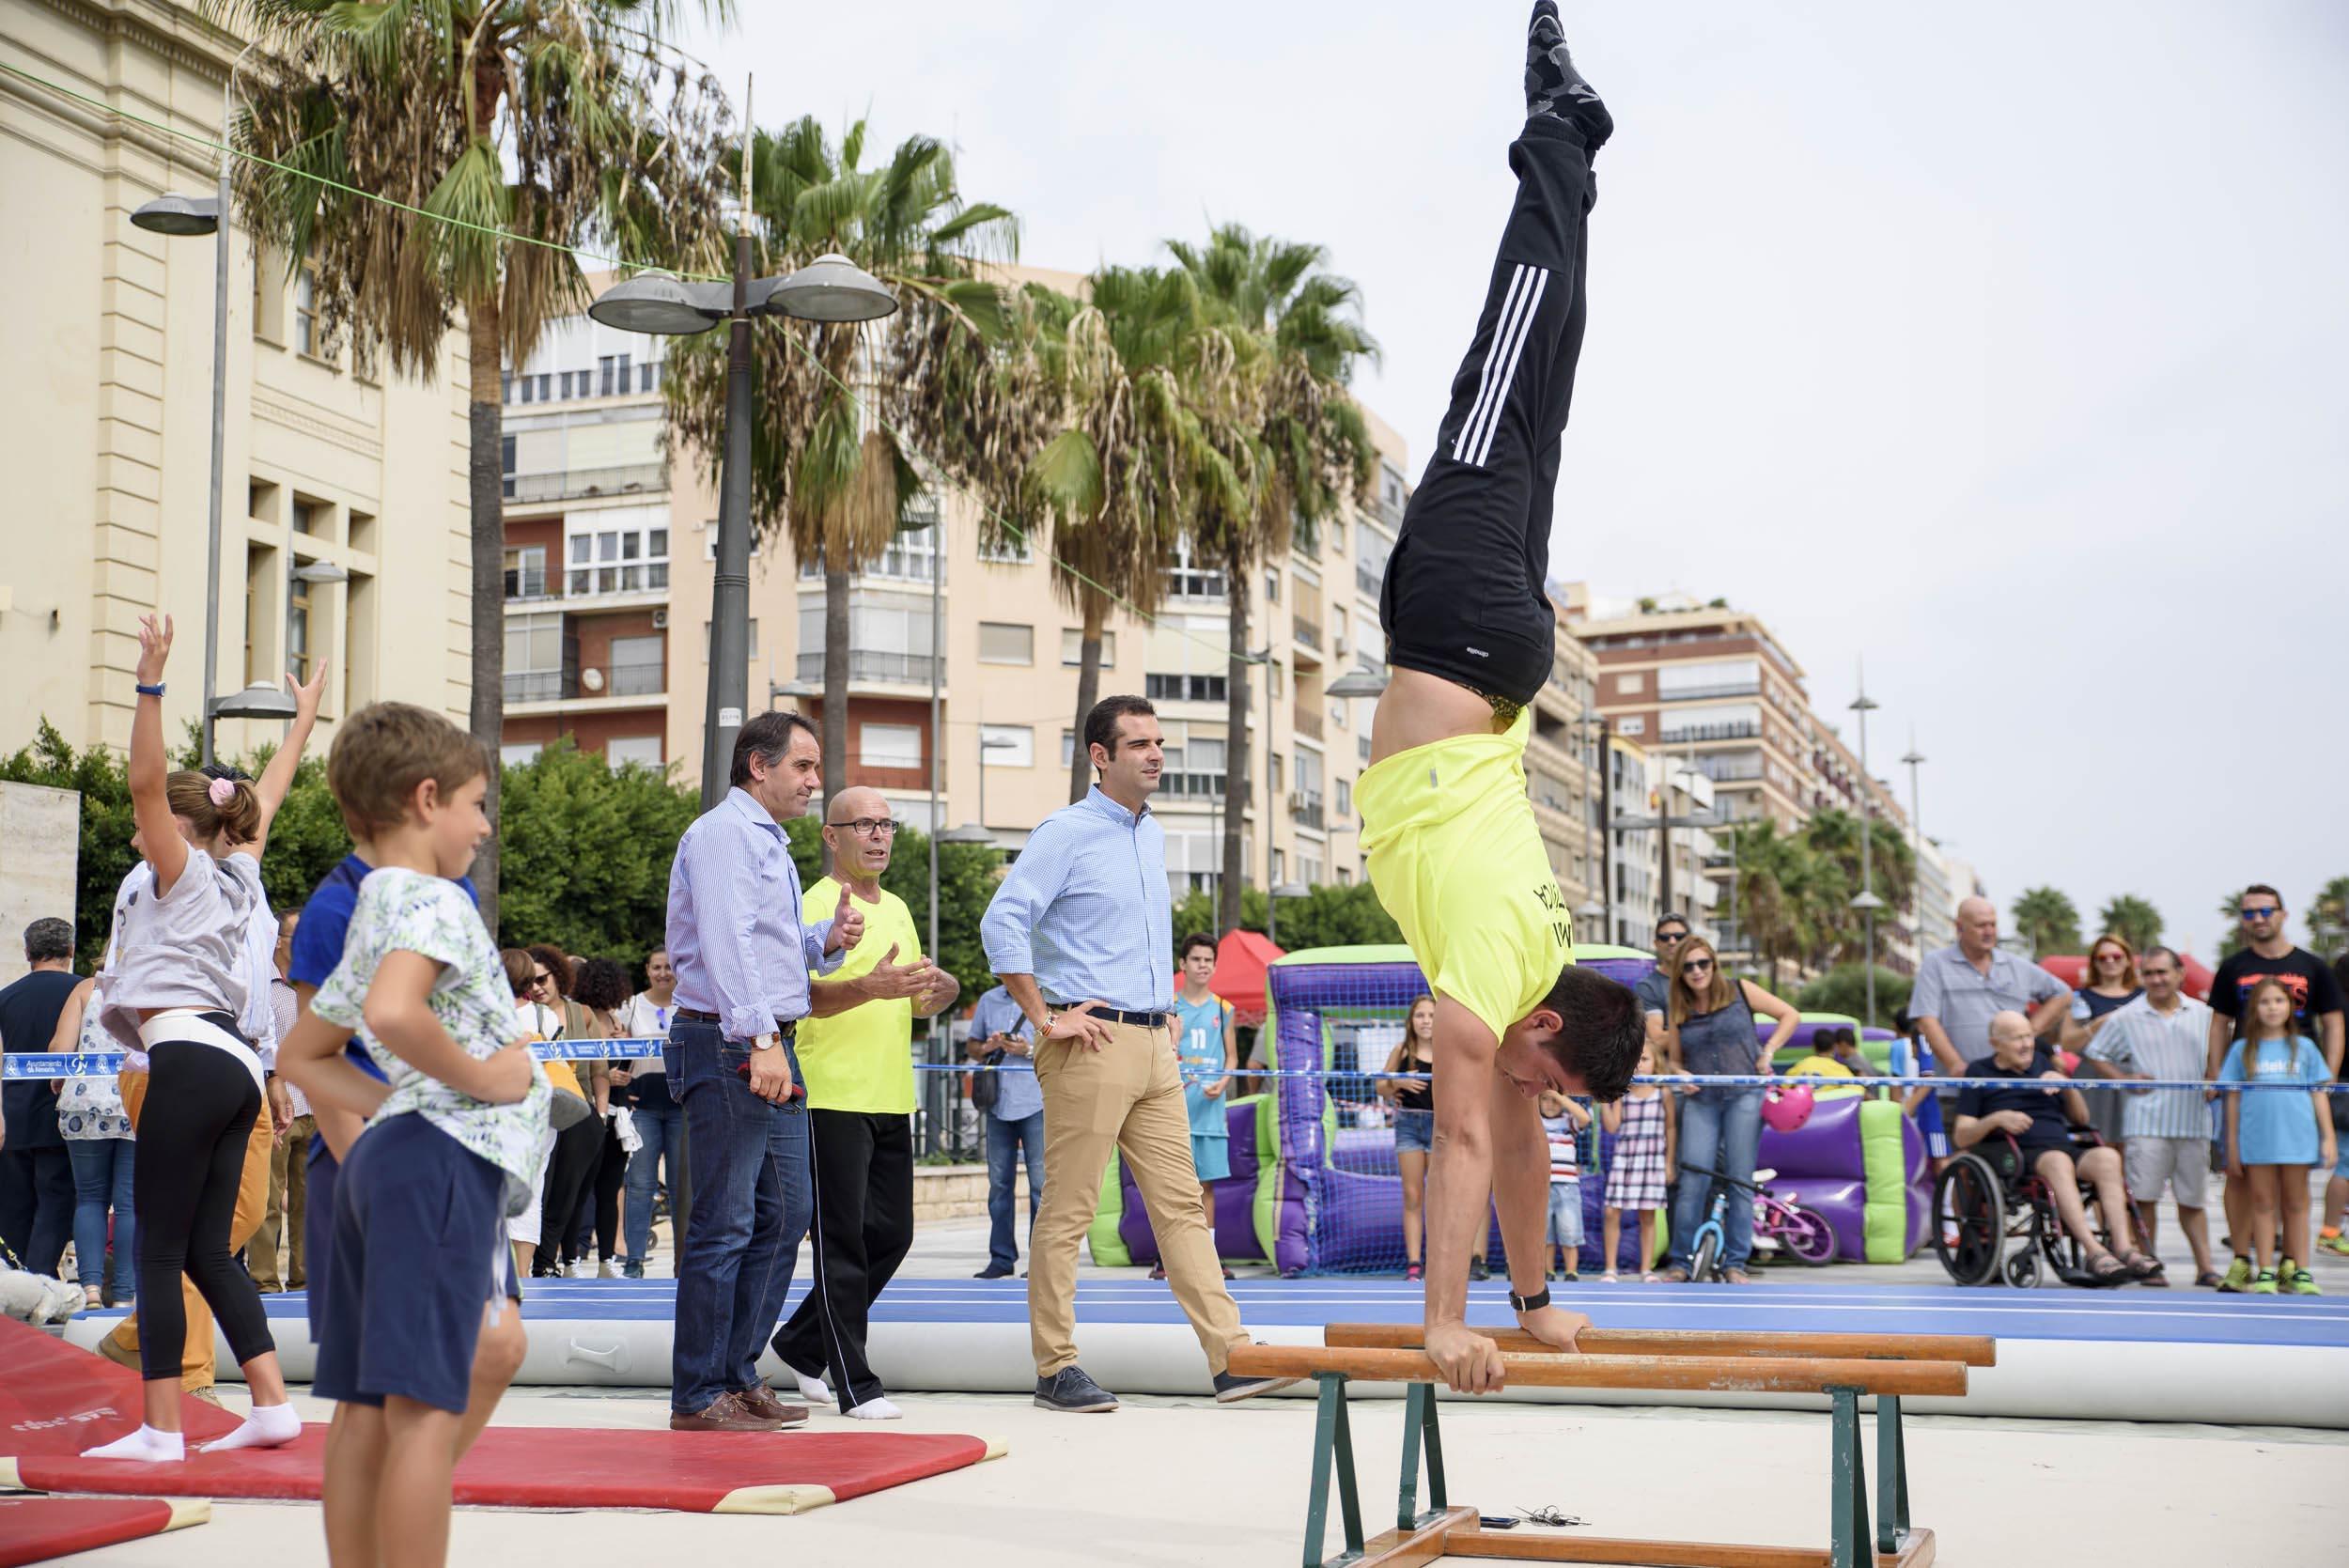 El PMD sacará a la calle veinticuatro deportes para fomentar su práctica, el próximo 30 de septiembre